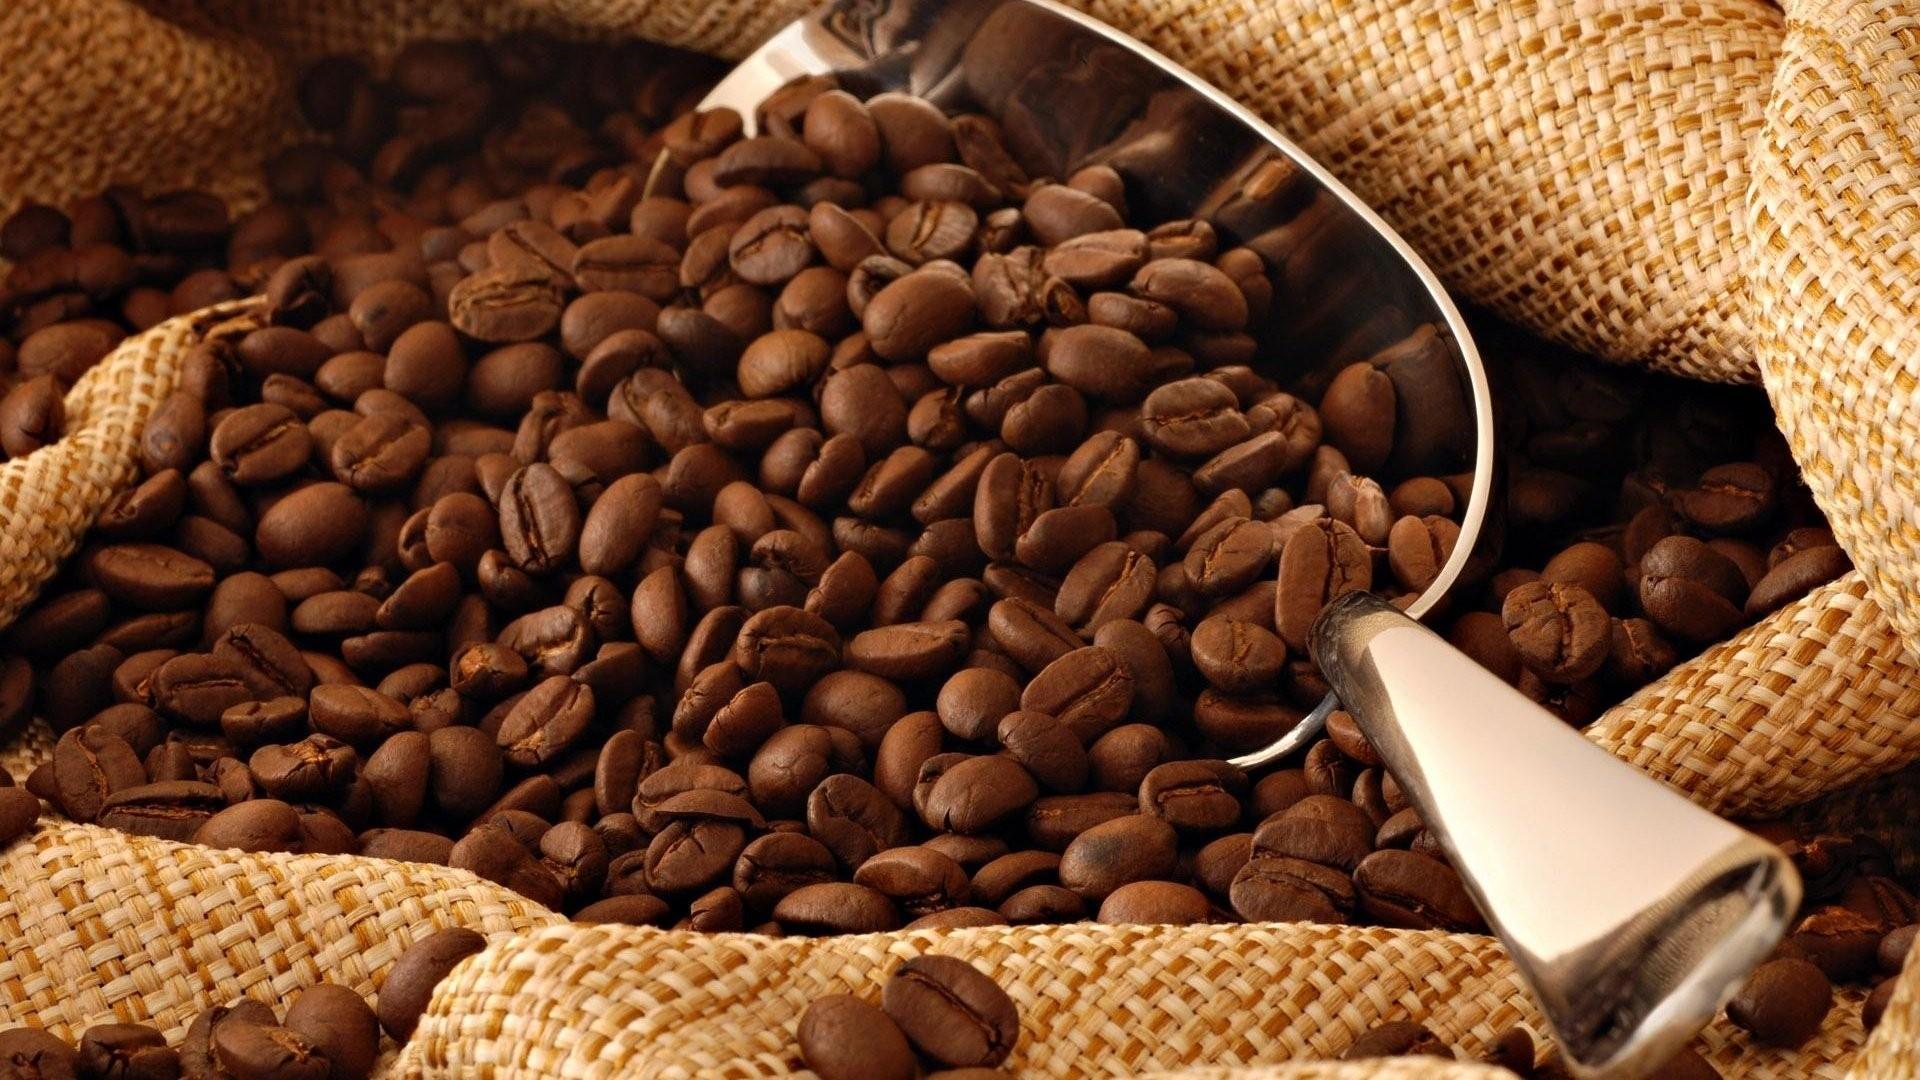 Coffee hd desktop wallpaper